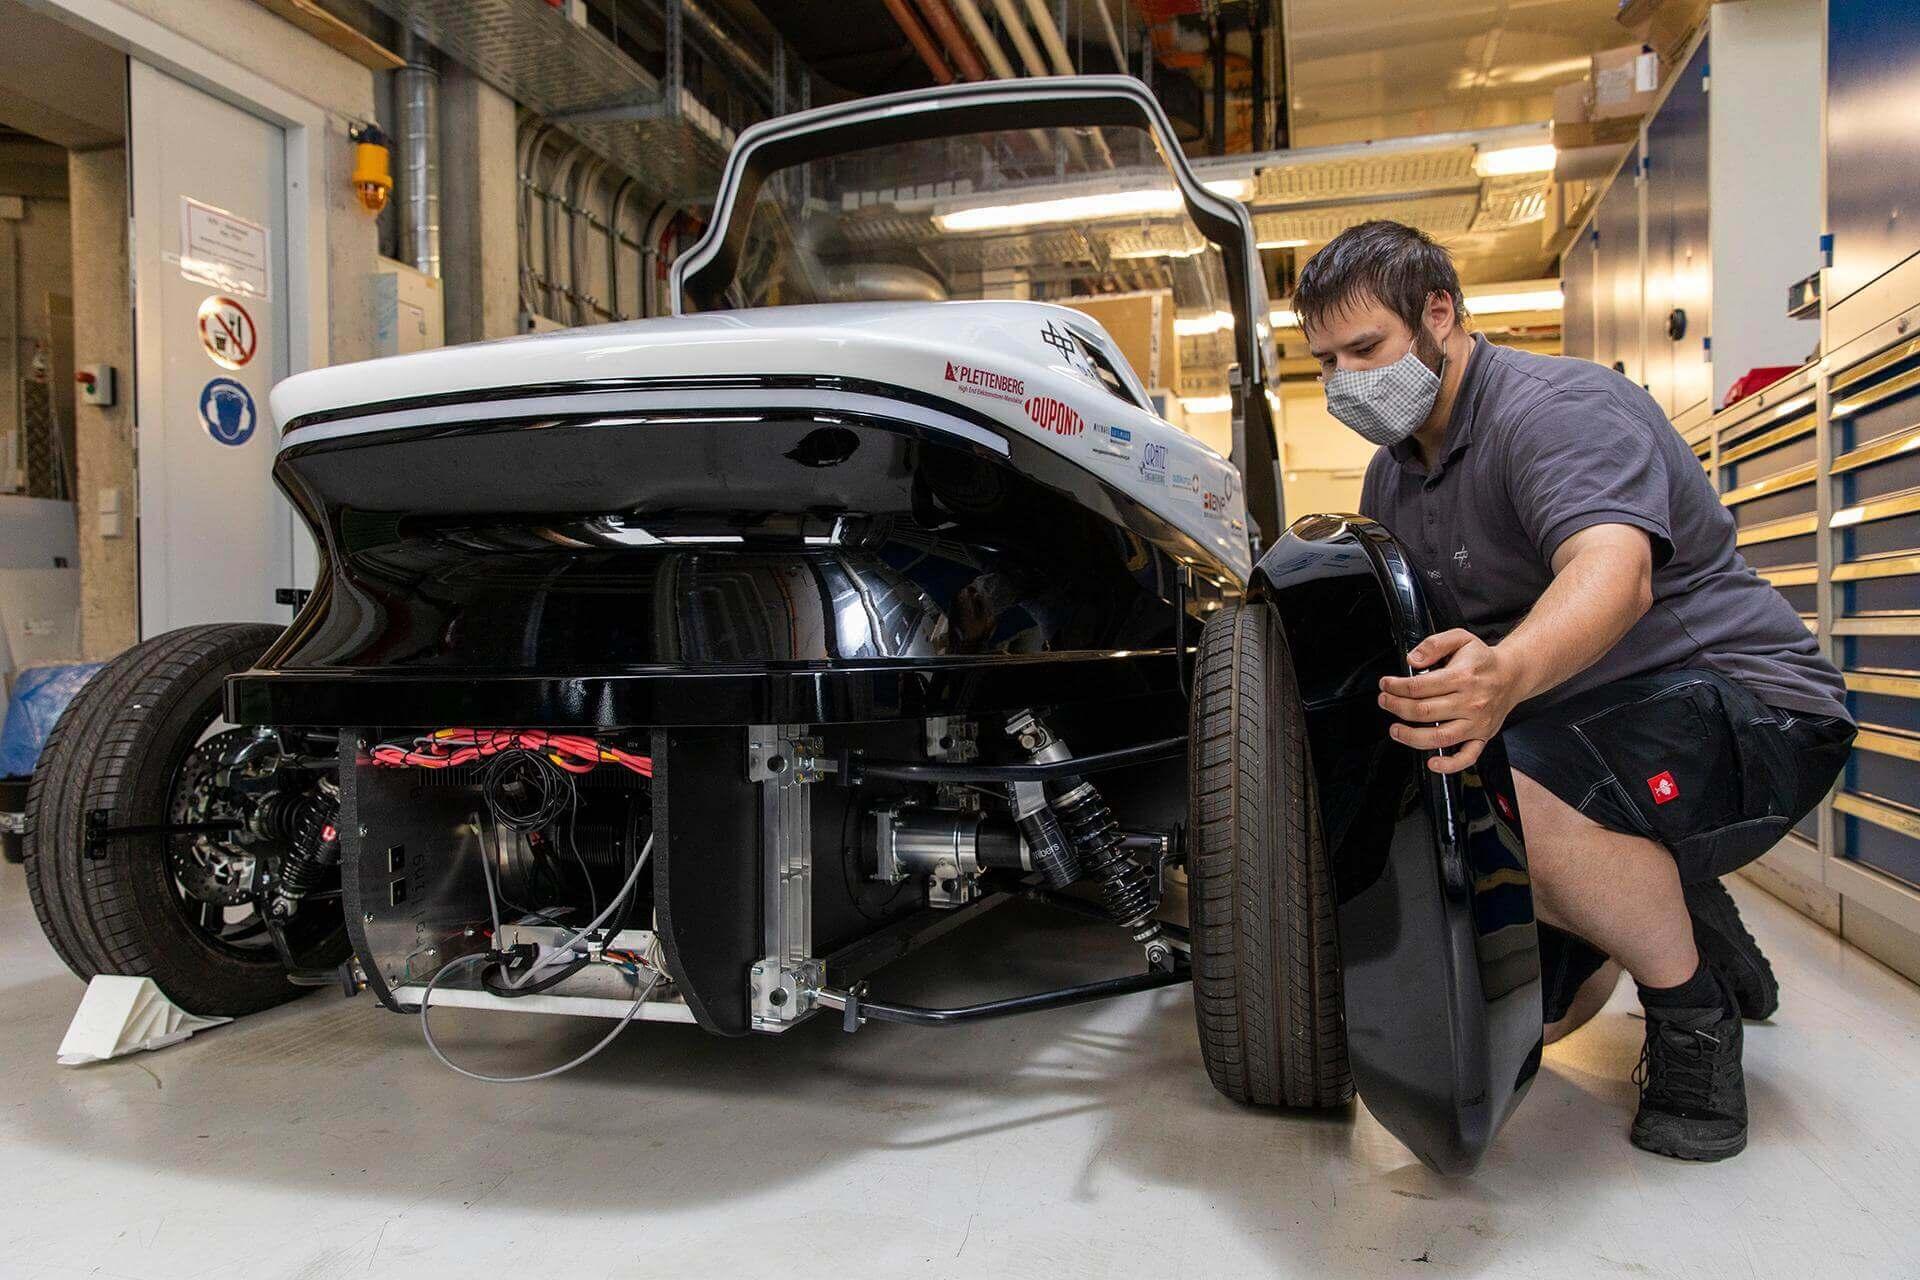 Safe Light Regional Vehicle: 2-местный водородный автомобиль за €15 000